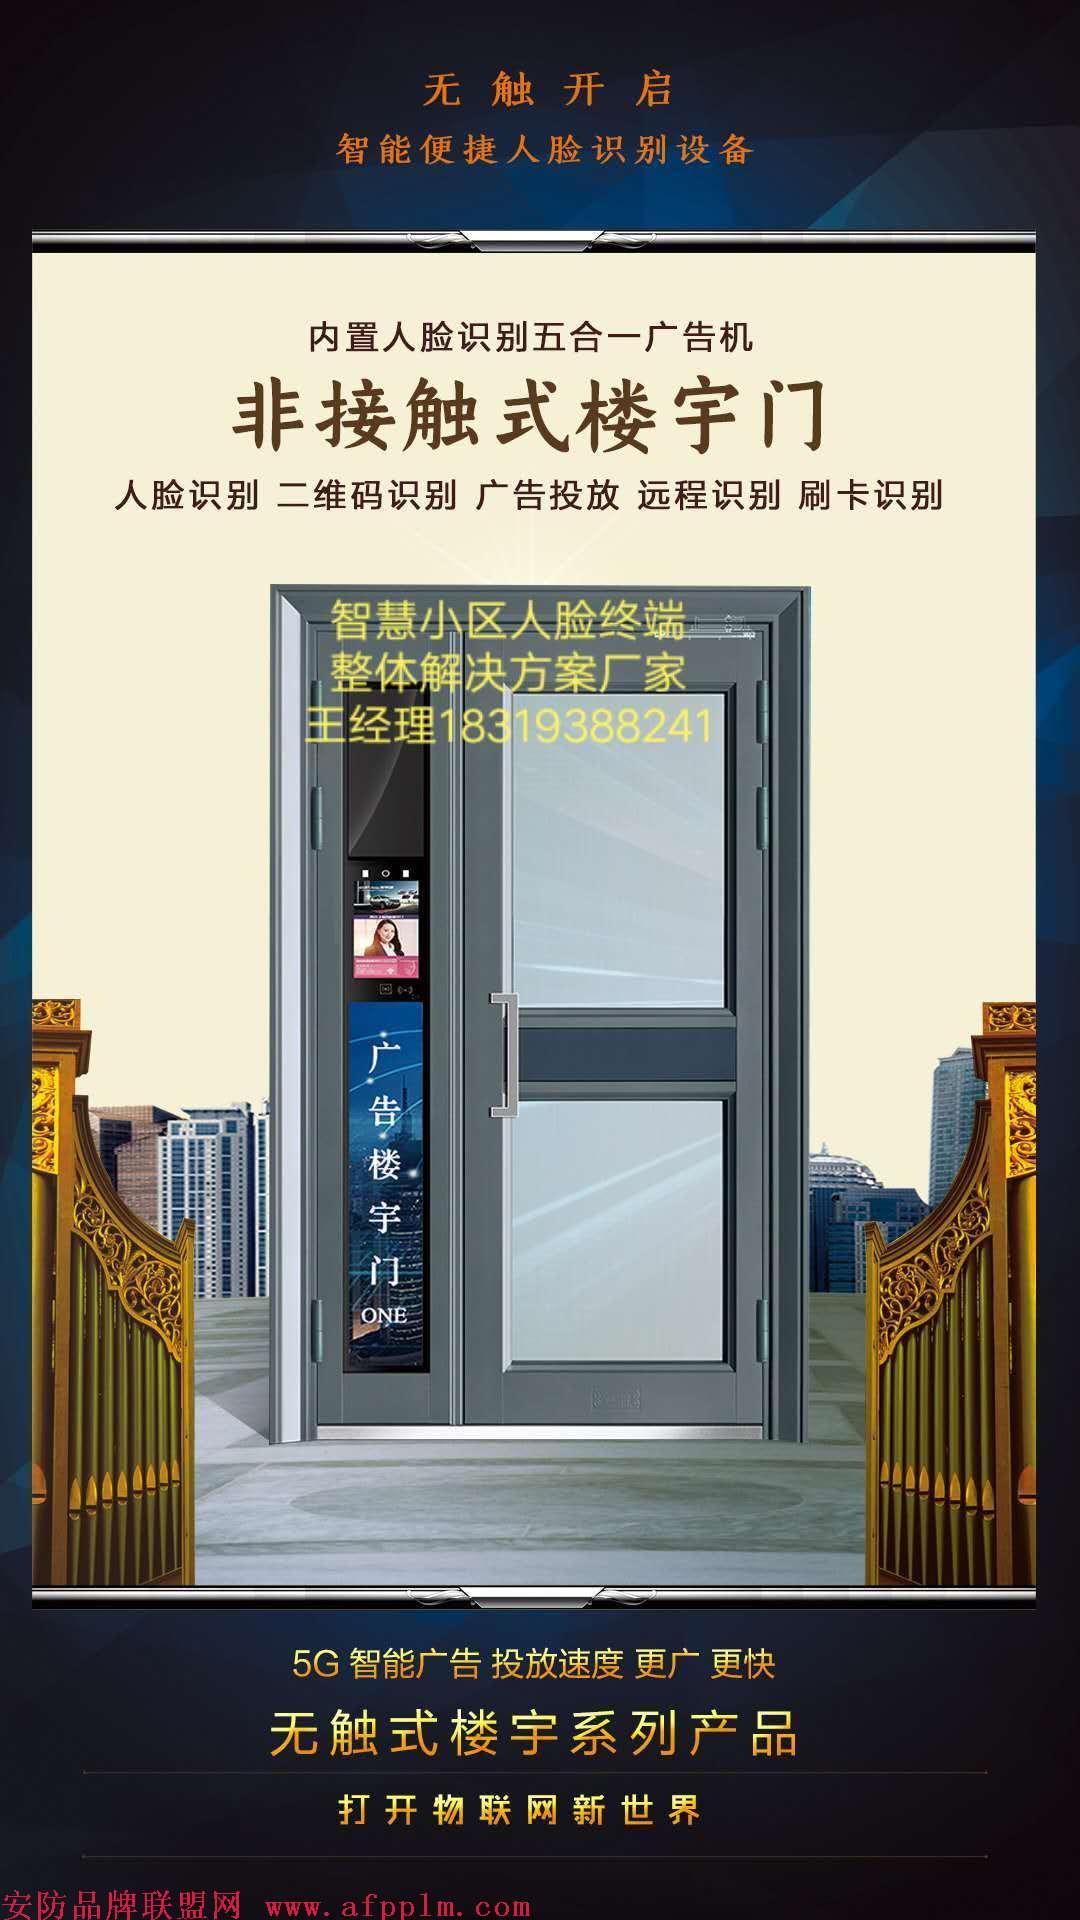 非接触式楼宇门-广告机-王经理18319388241.jpg